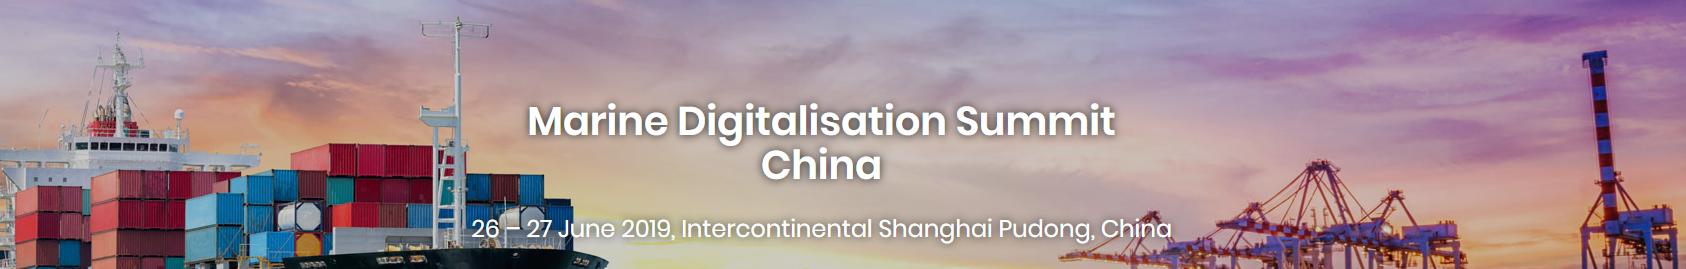 Marine Digitalisation Summit - Shanghai